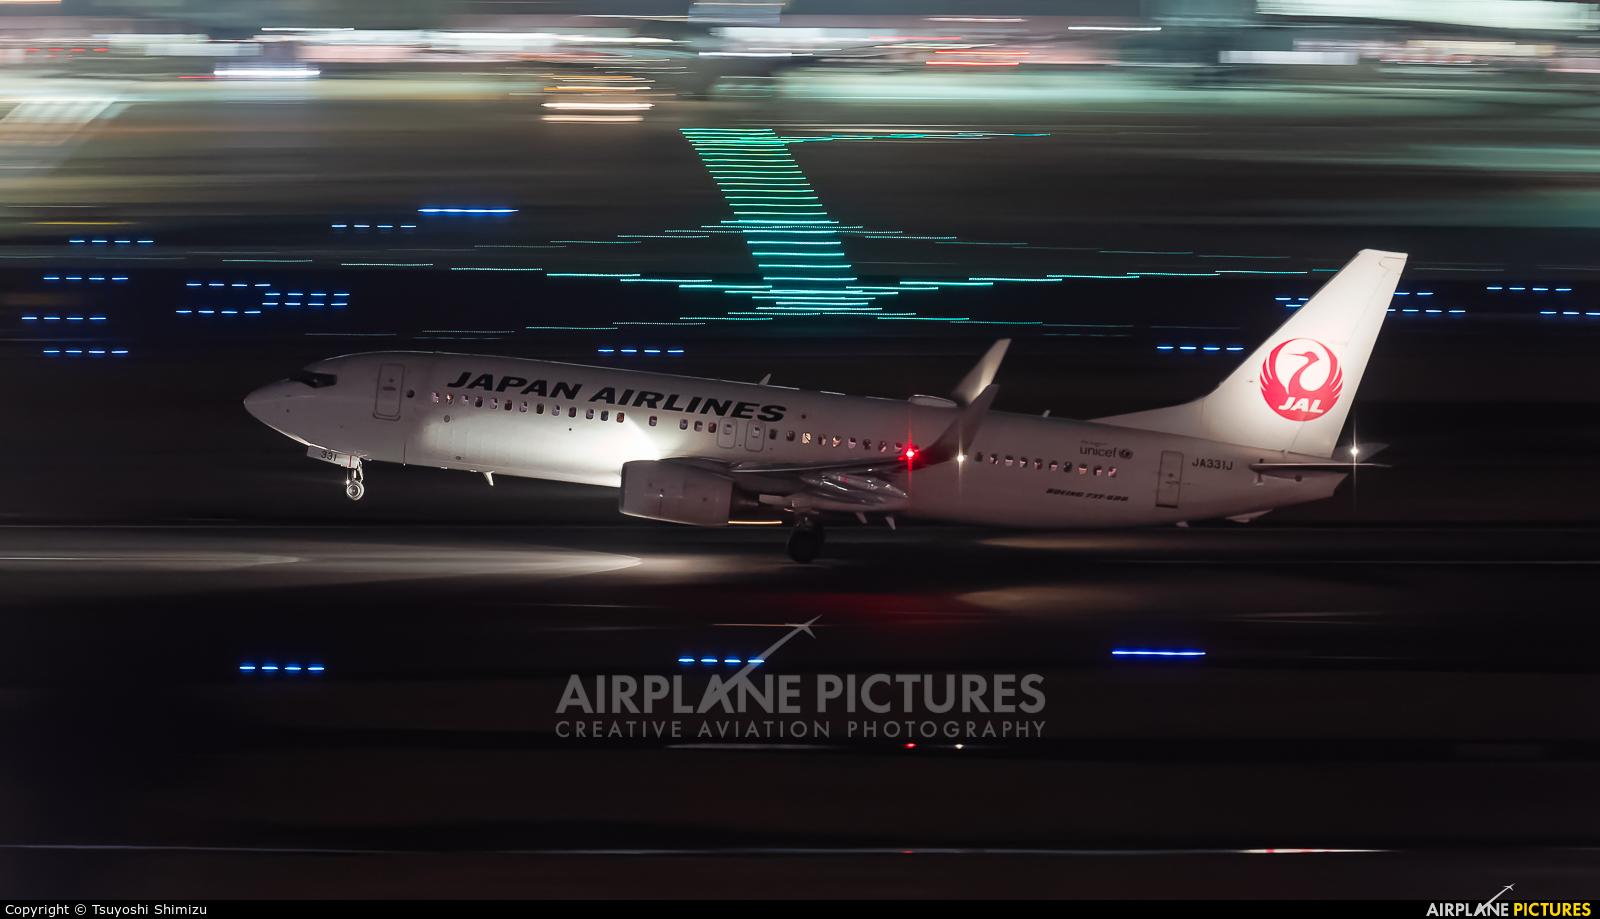 JAL - Japan Airlines JA331J aircraft at Tokyo - Haneda Intl